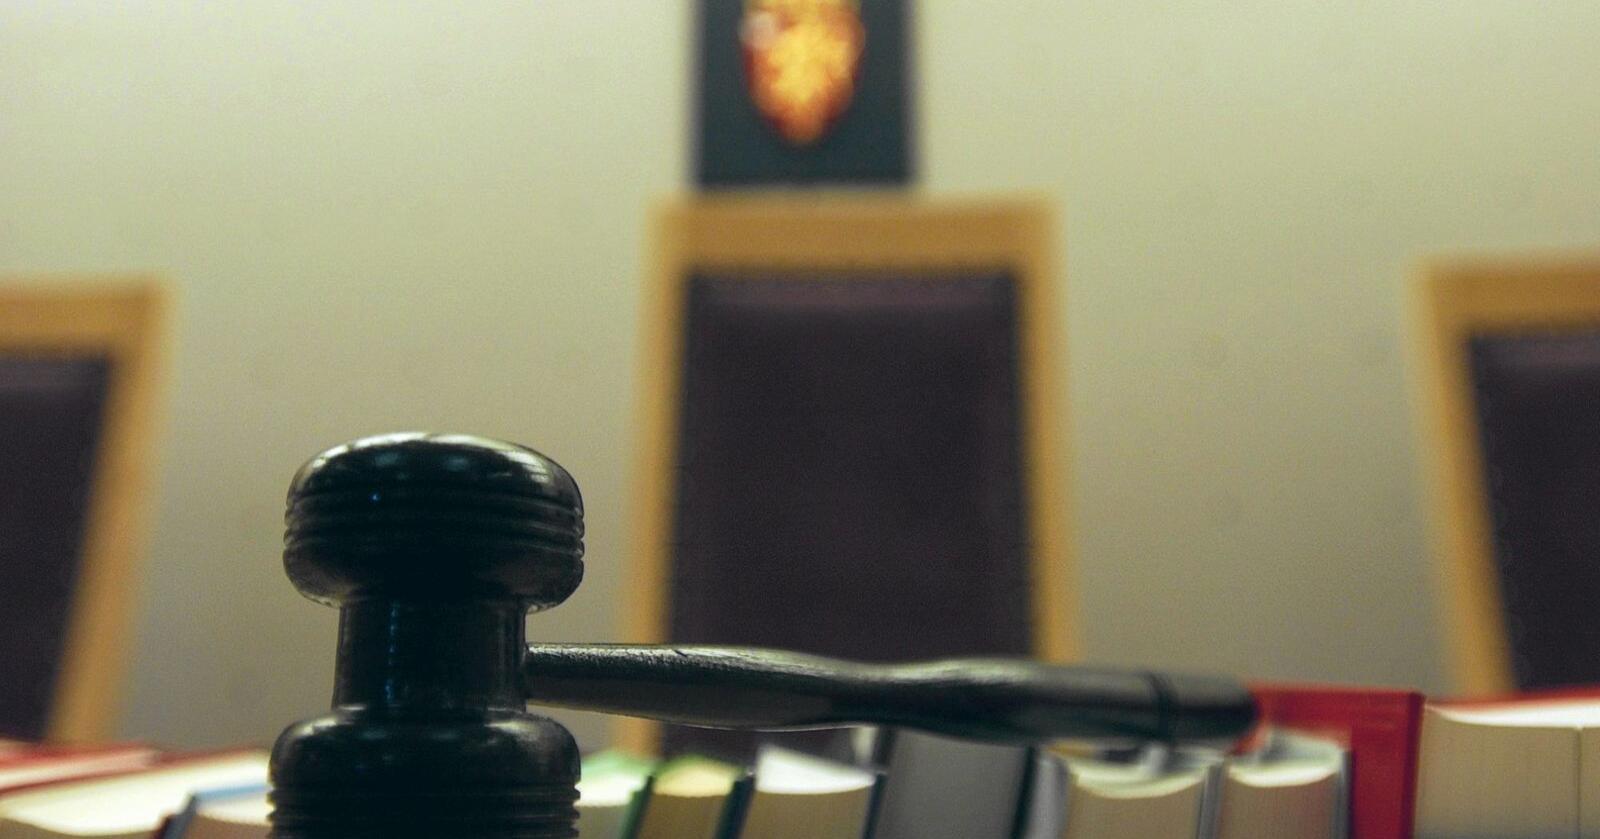 Det er ikke vanskelig å forstå at Domstoladministrasjonen ønsker færre ledere. Jeg håper at forhandlingene i Stortinget har et litt videre perspektiv enn som så, skriver innsenderen. Foto: Siri Juell Rasmussen